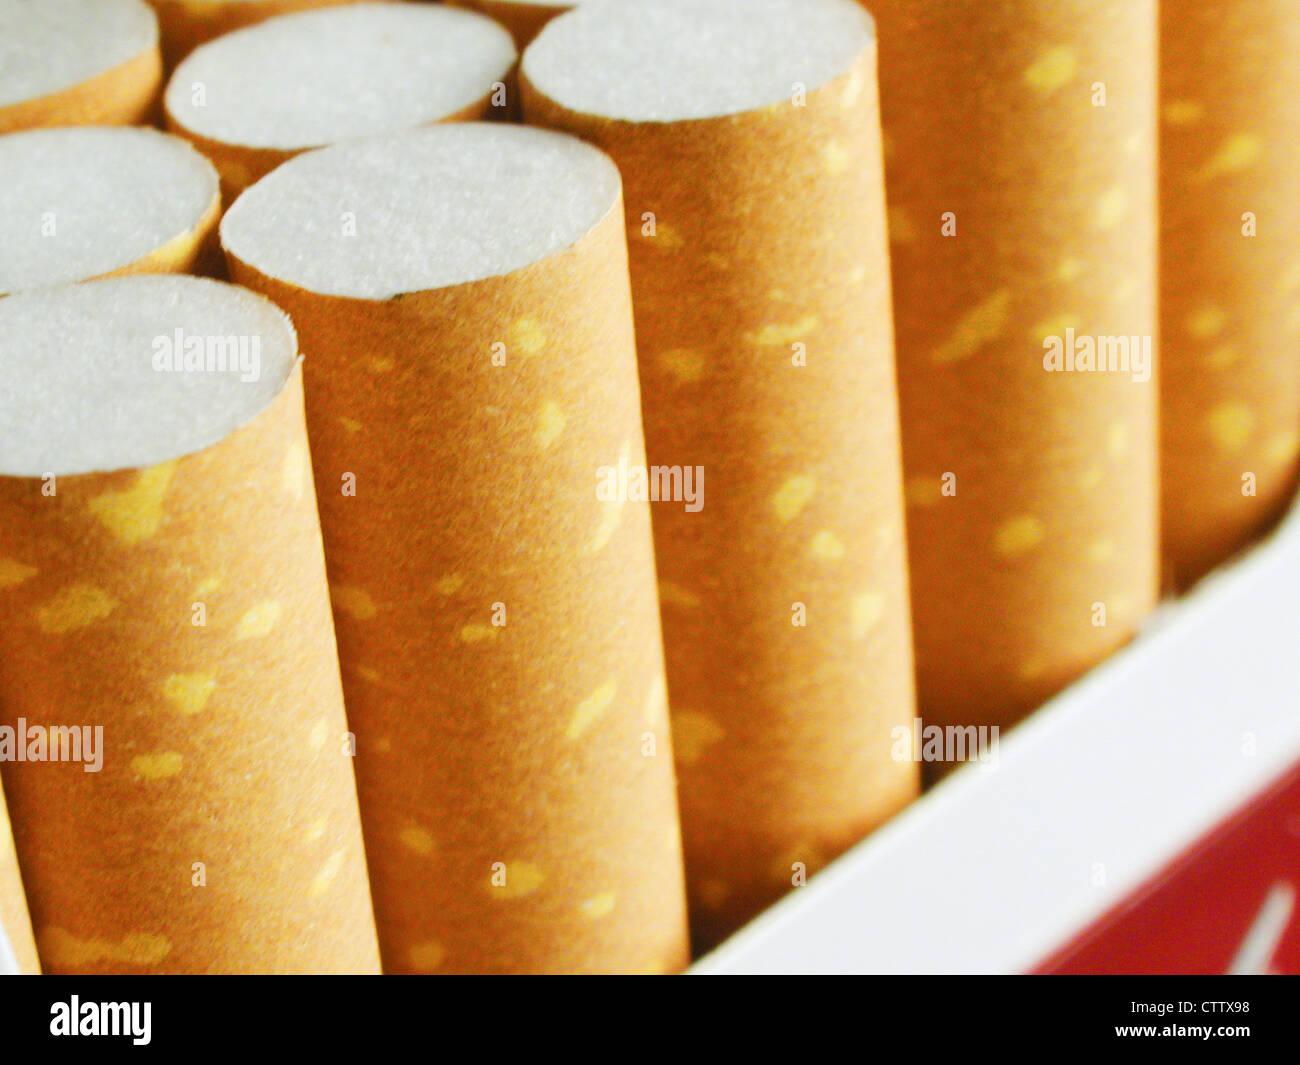 Zigaretten in der Schachtel - Stock Image